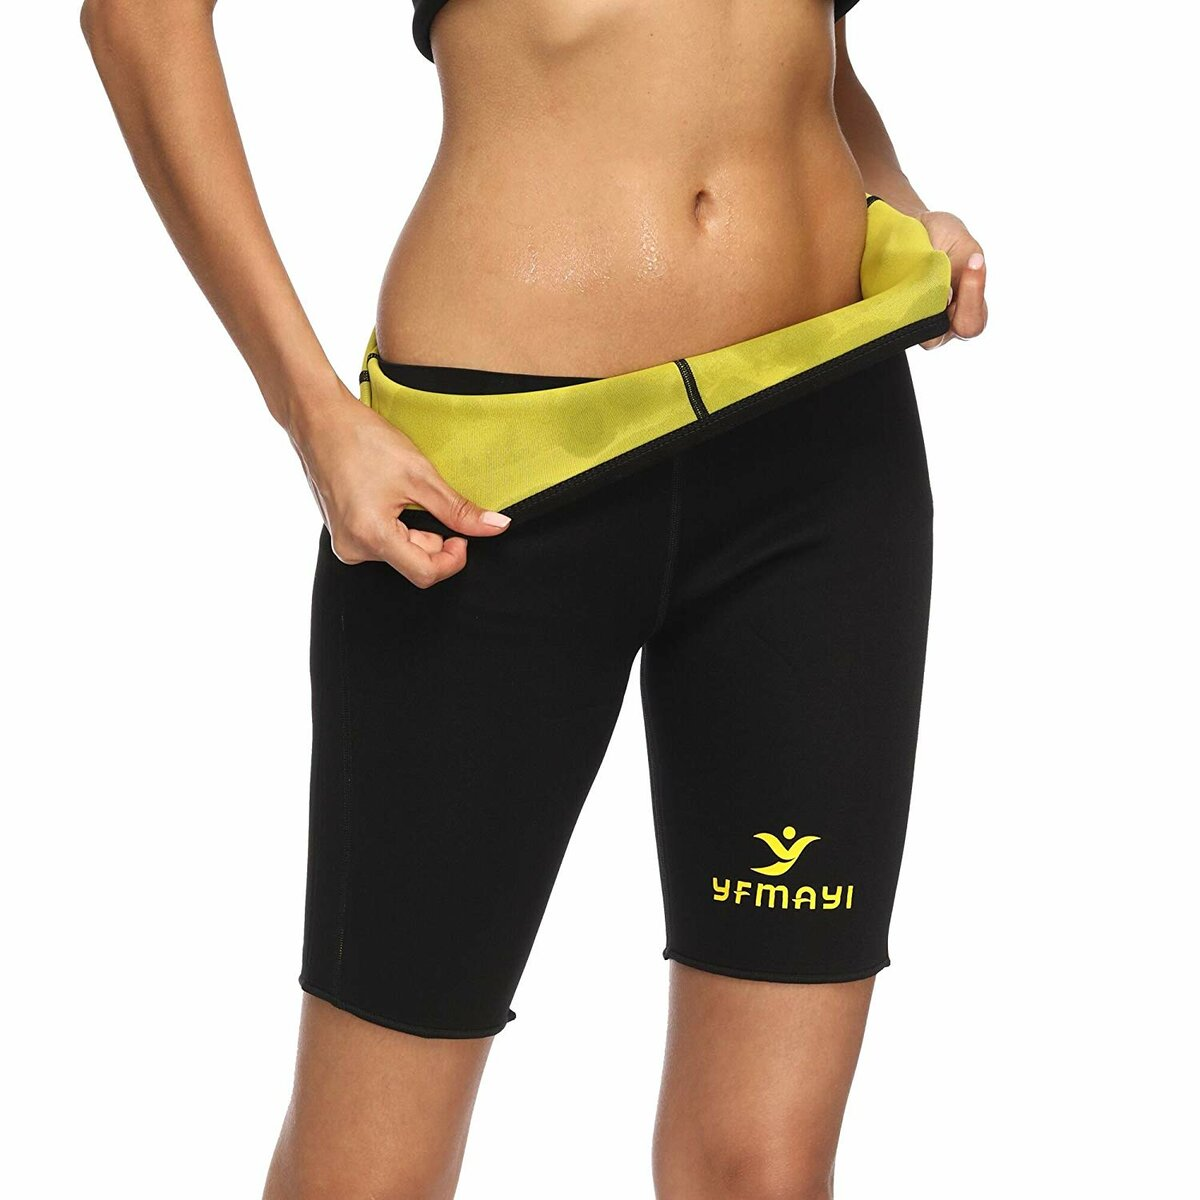 шорты для похудения hot shapers